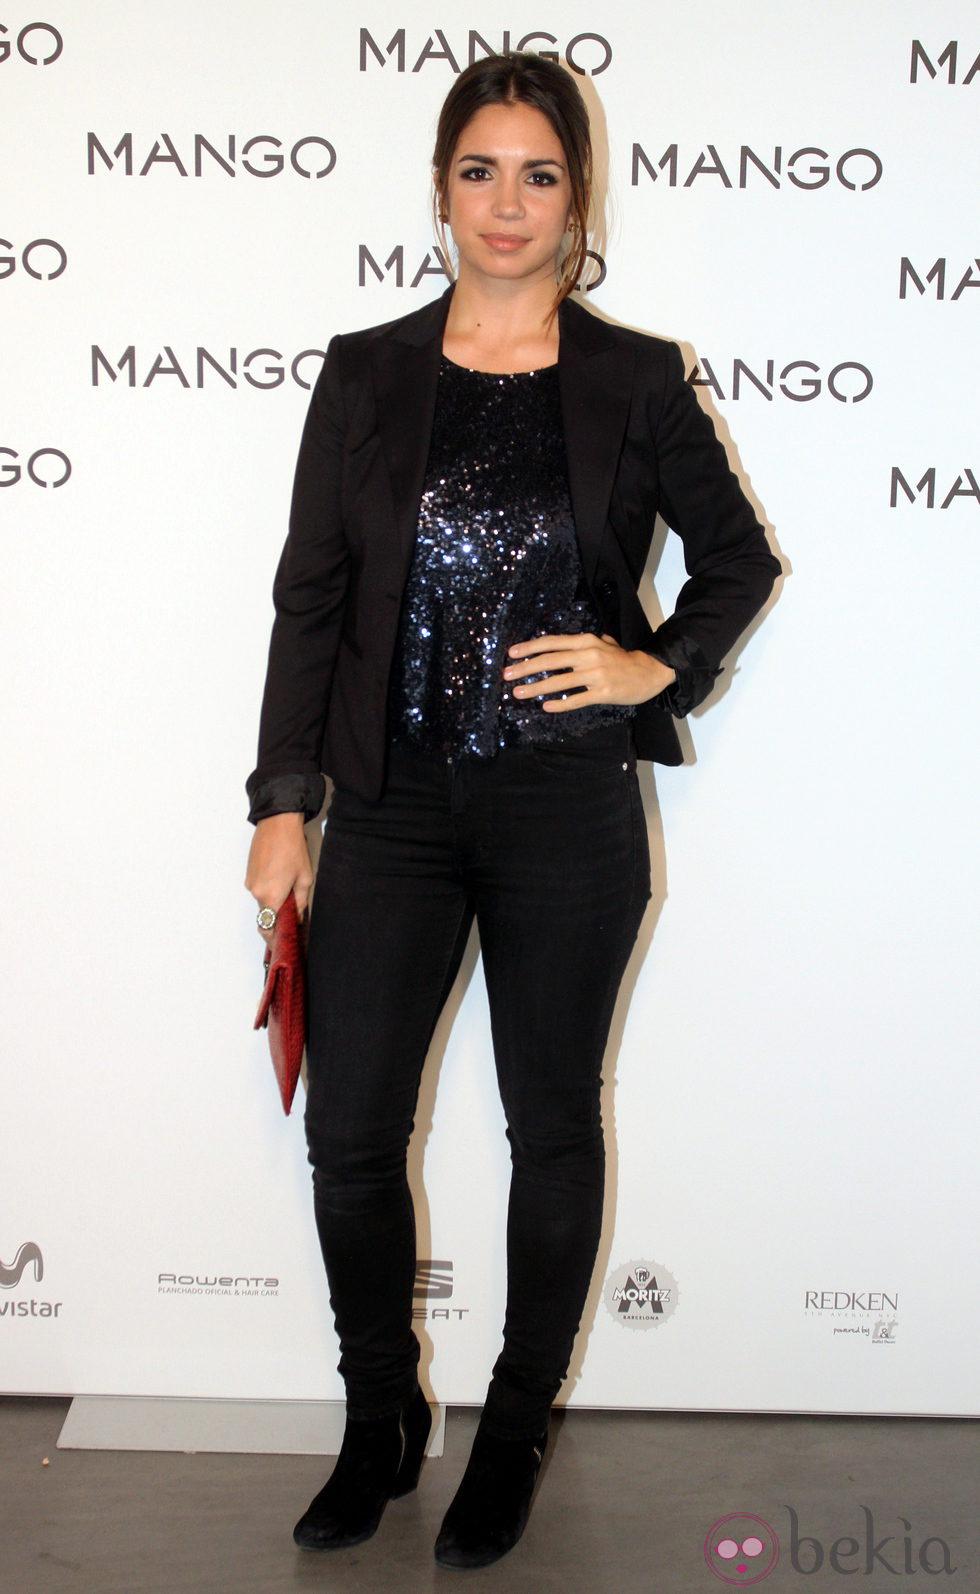 Elena Furiase en el desfile de Mango en 080 Barcelona fashion primavera/verano 2015